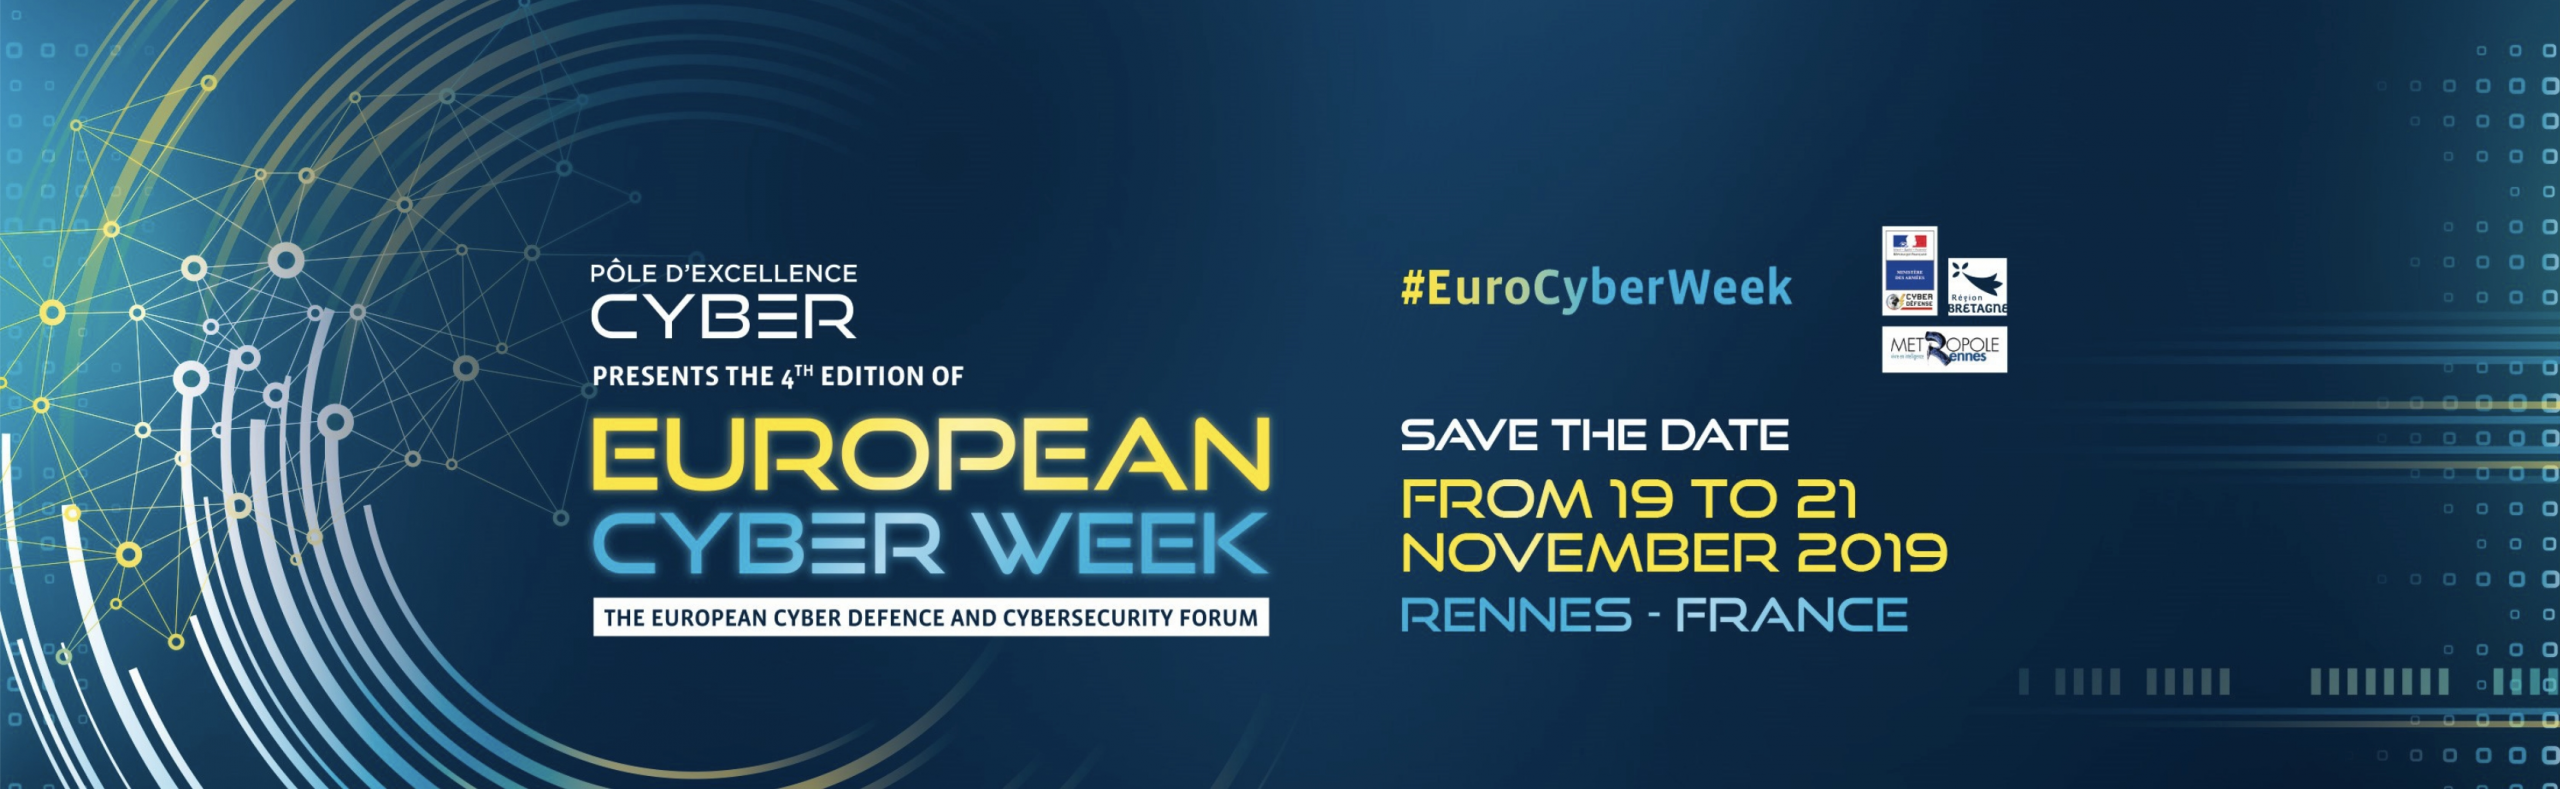 European Cyber Week 2019 - Airbus Cybersecurity